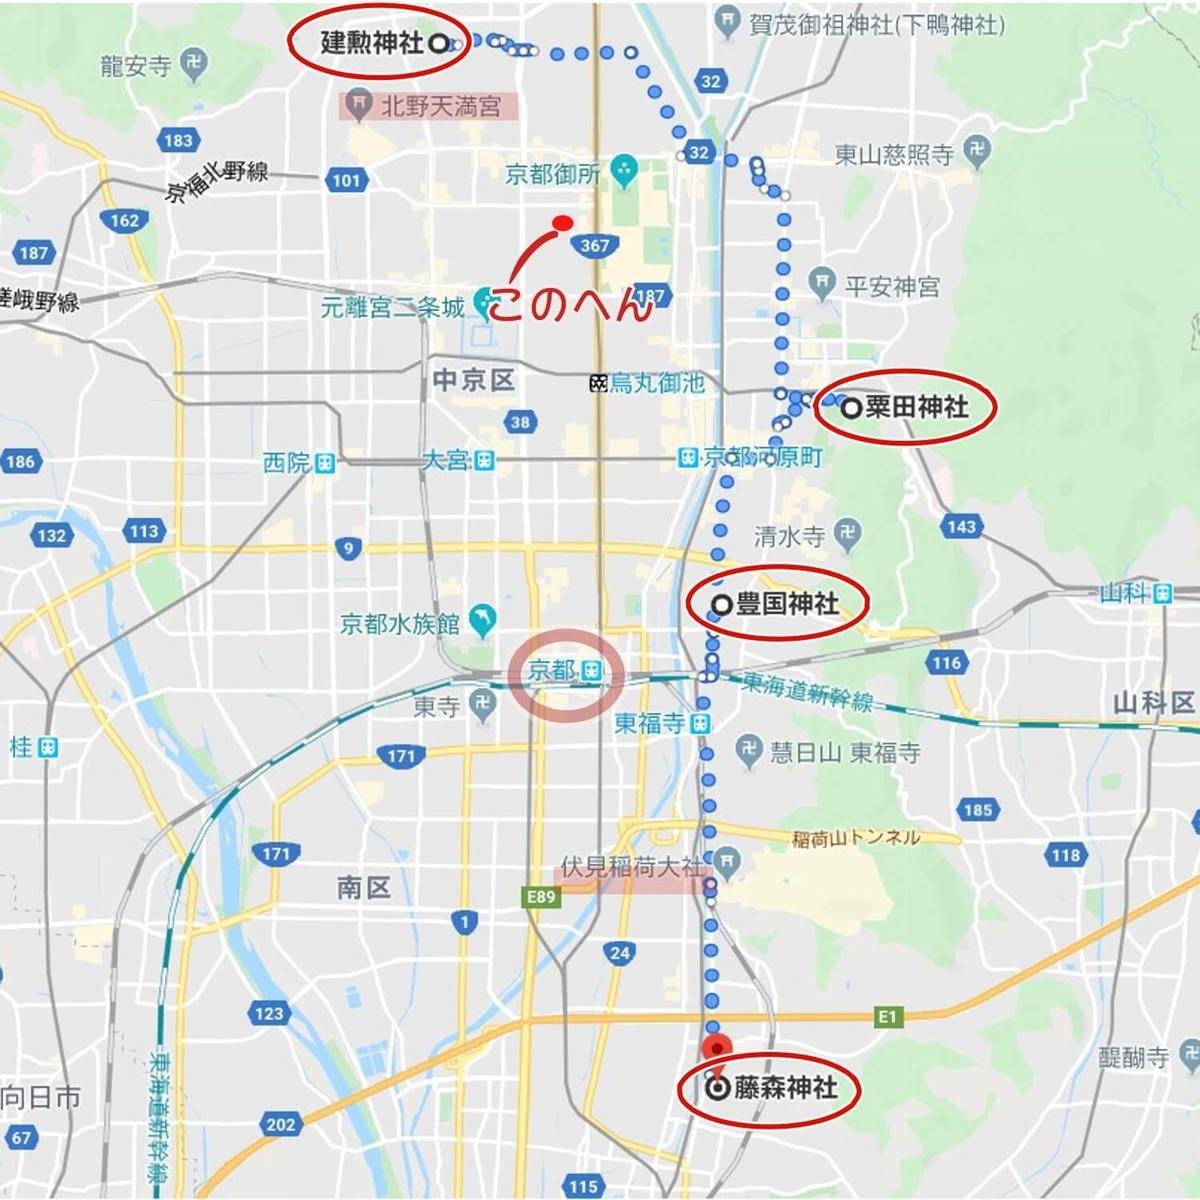 f:id:kataseumi:20191110015035j:plain